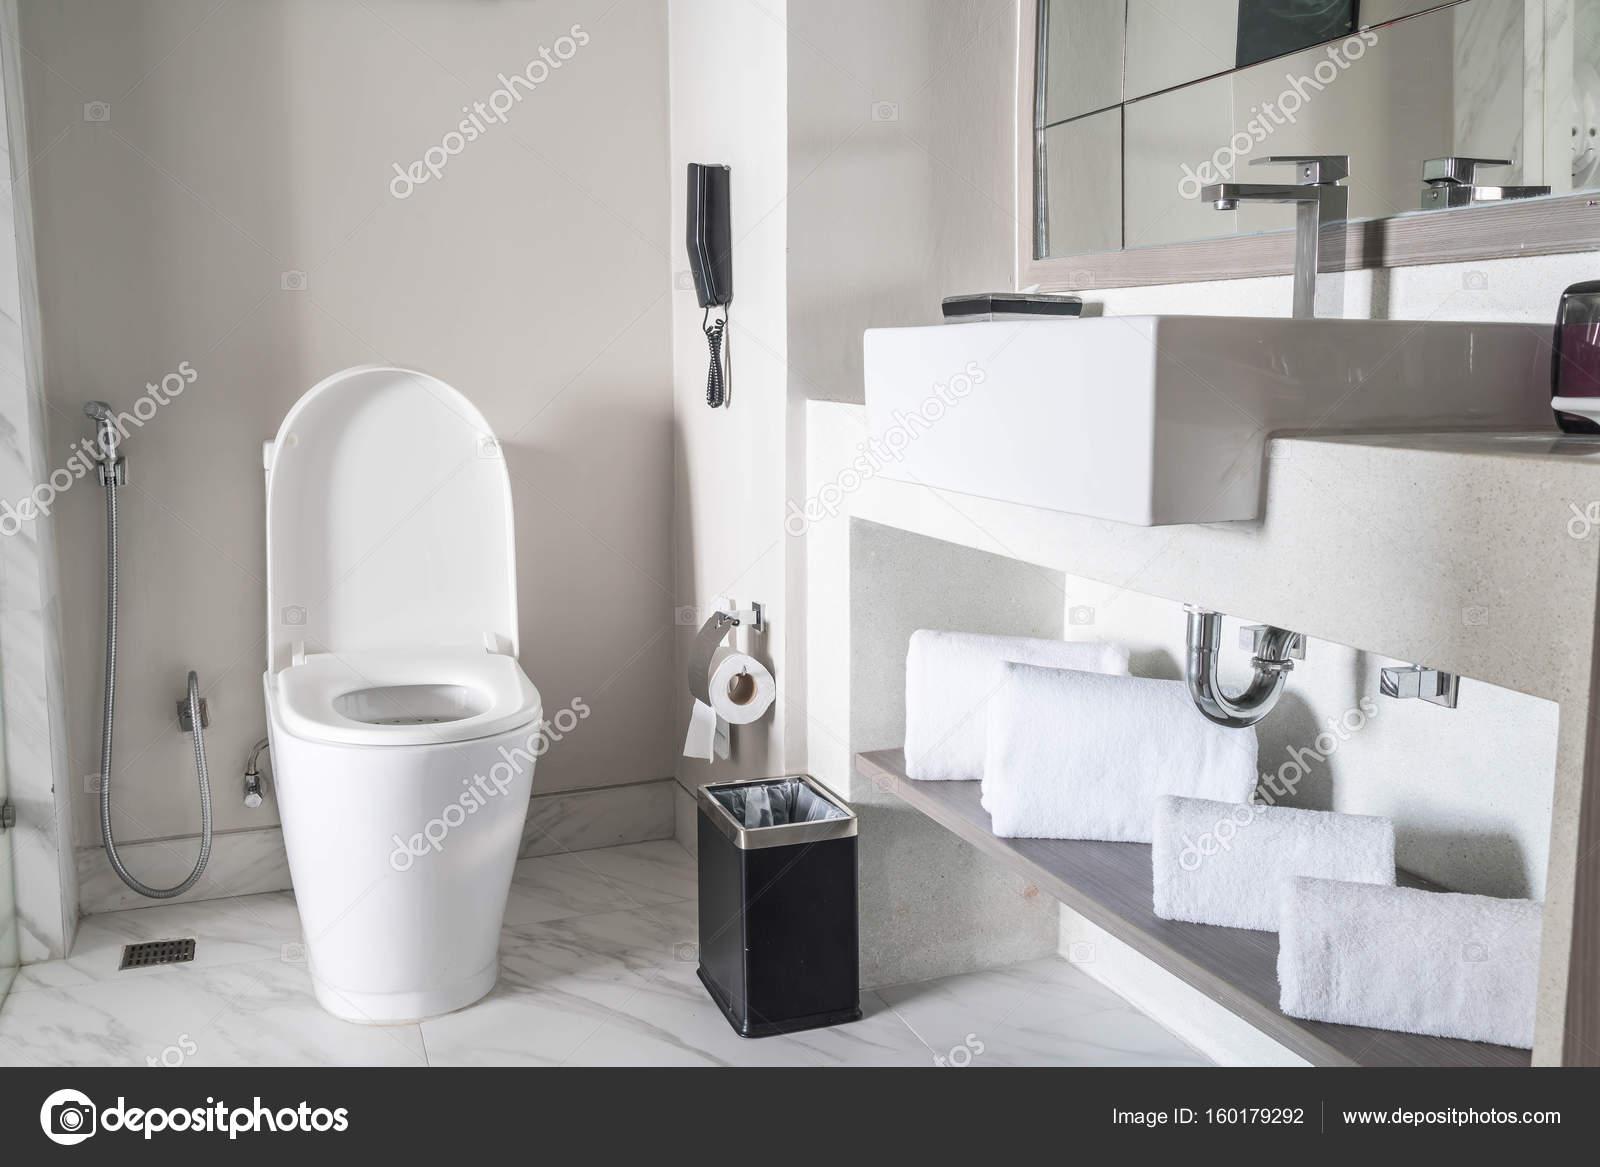 Decoratie Voor Badkamer : Toilet stoel decoratie in badkamer interieur u stockfoto topntp